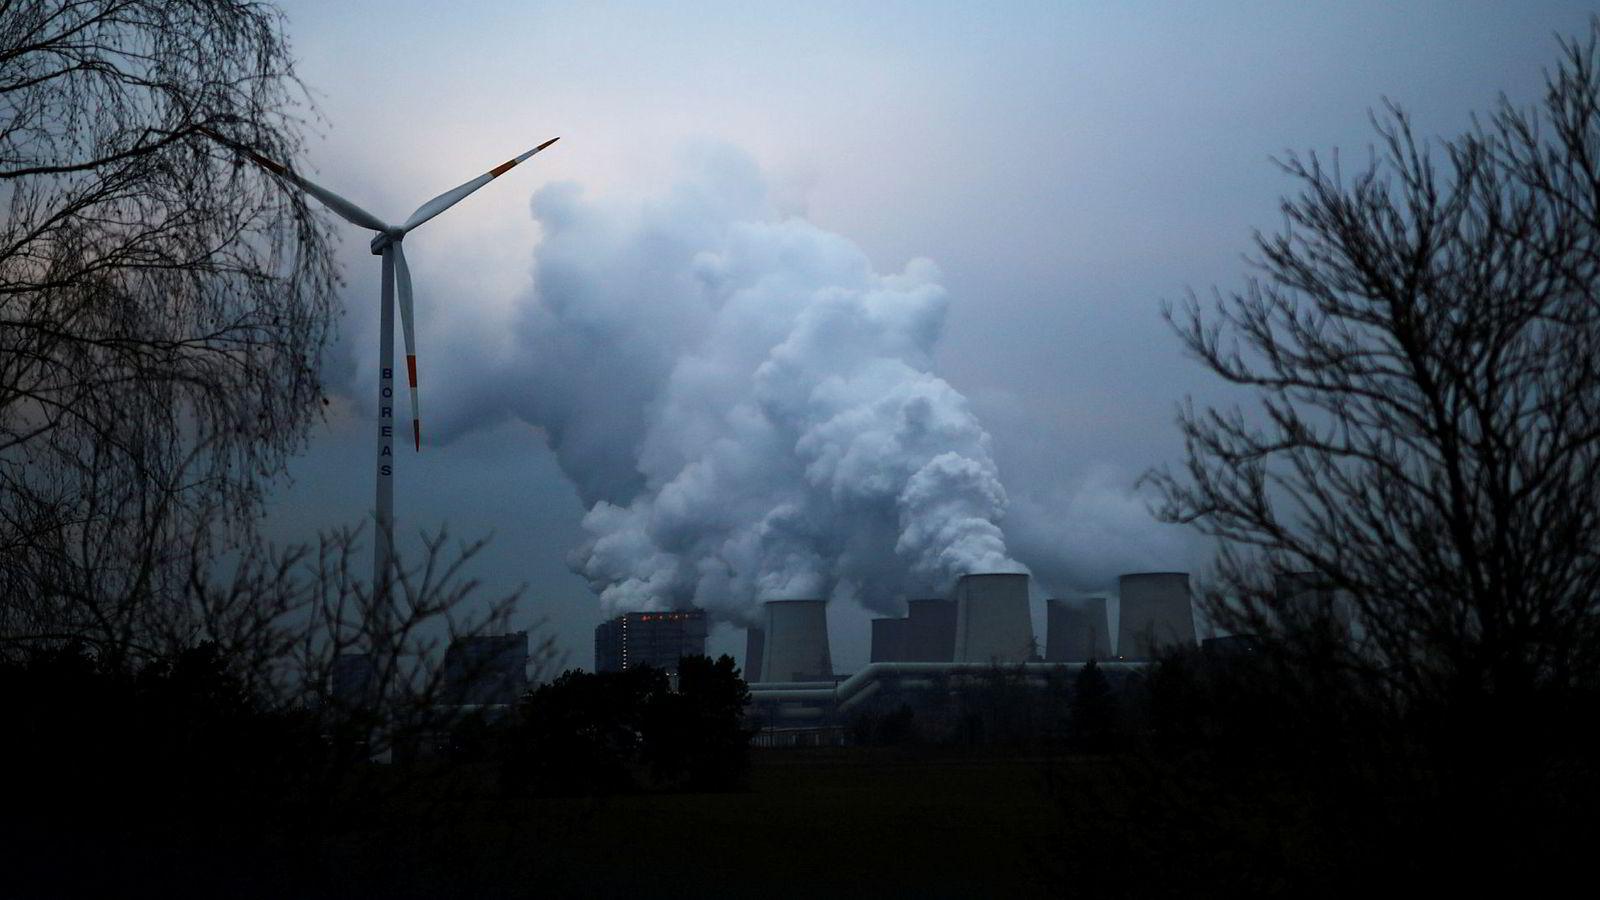 Kullkraftanlegget i Jaenschwalde skal etter planen avvikles sammen med resten av Tysklands kullkraftverk senest i 2038. Landet har satset tungt på utbygging av sol- og vindkraft, men trenger også norsk naturgass.